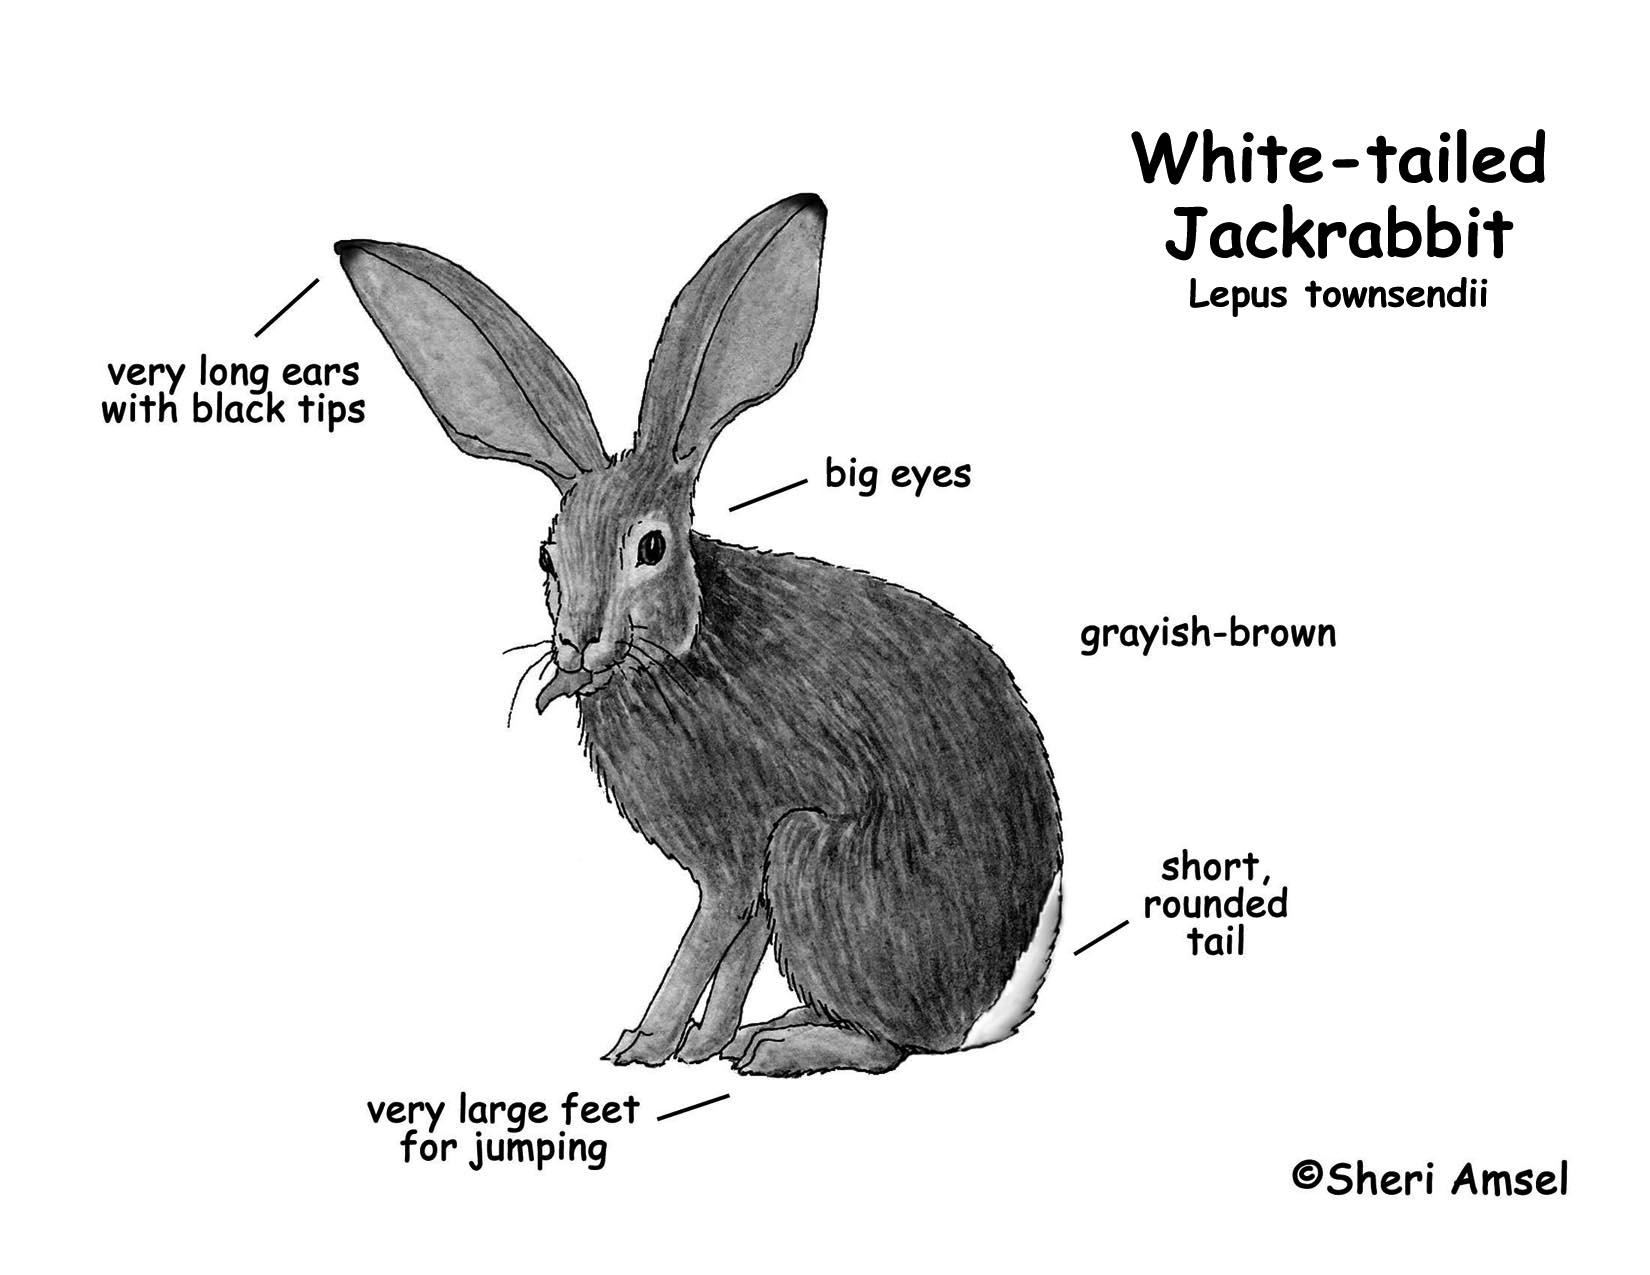 jackrabbit  white